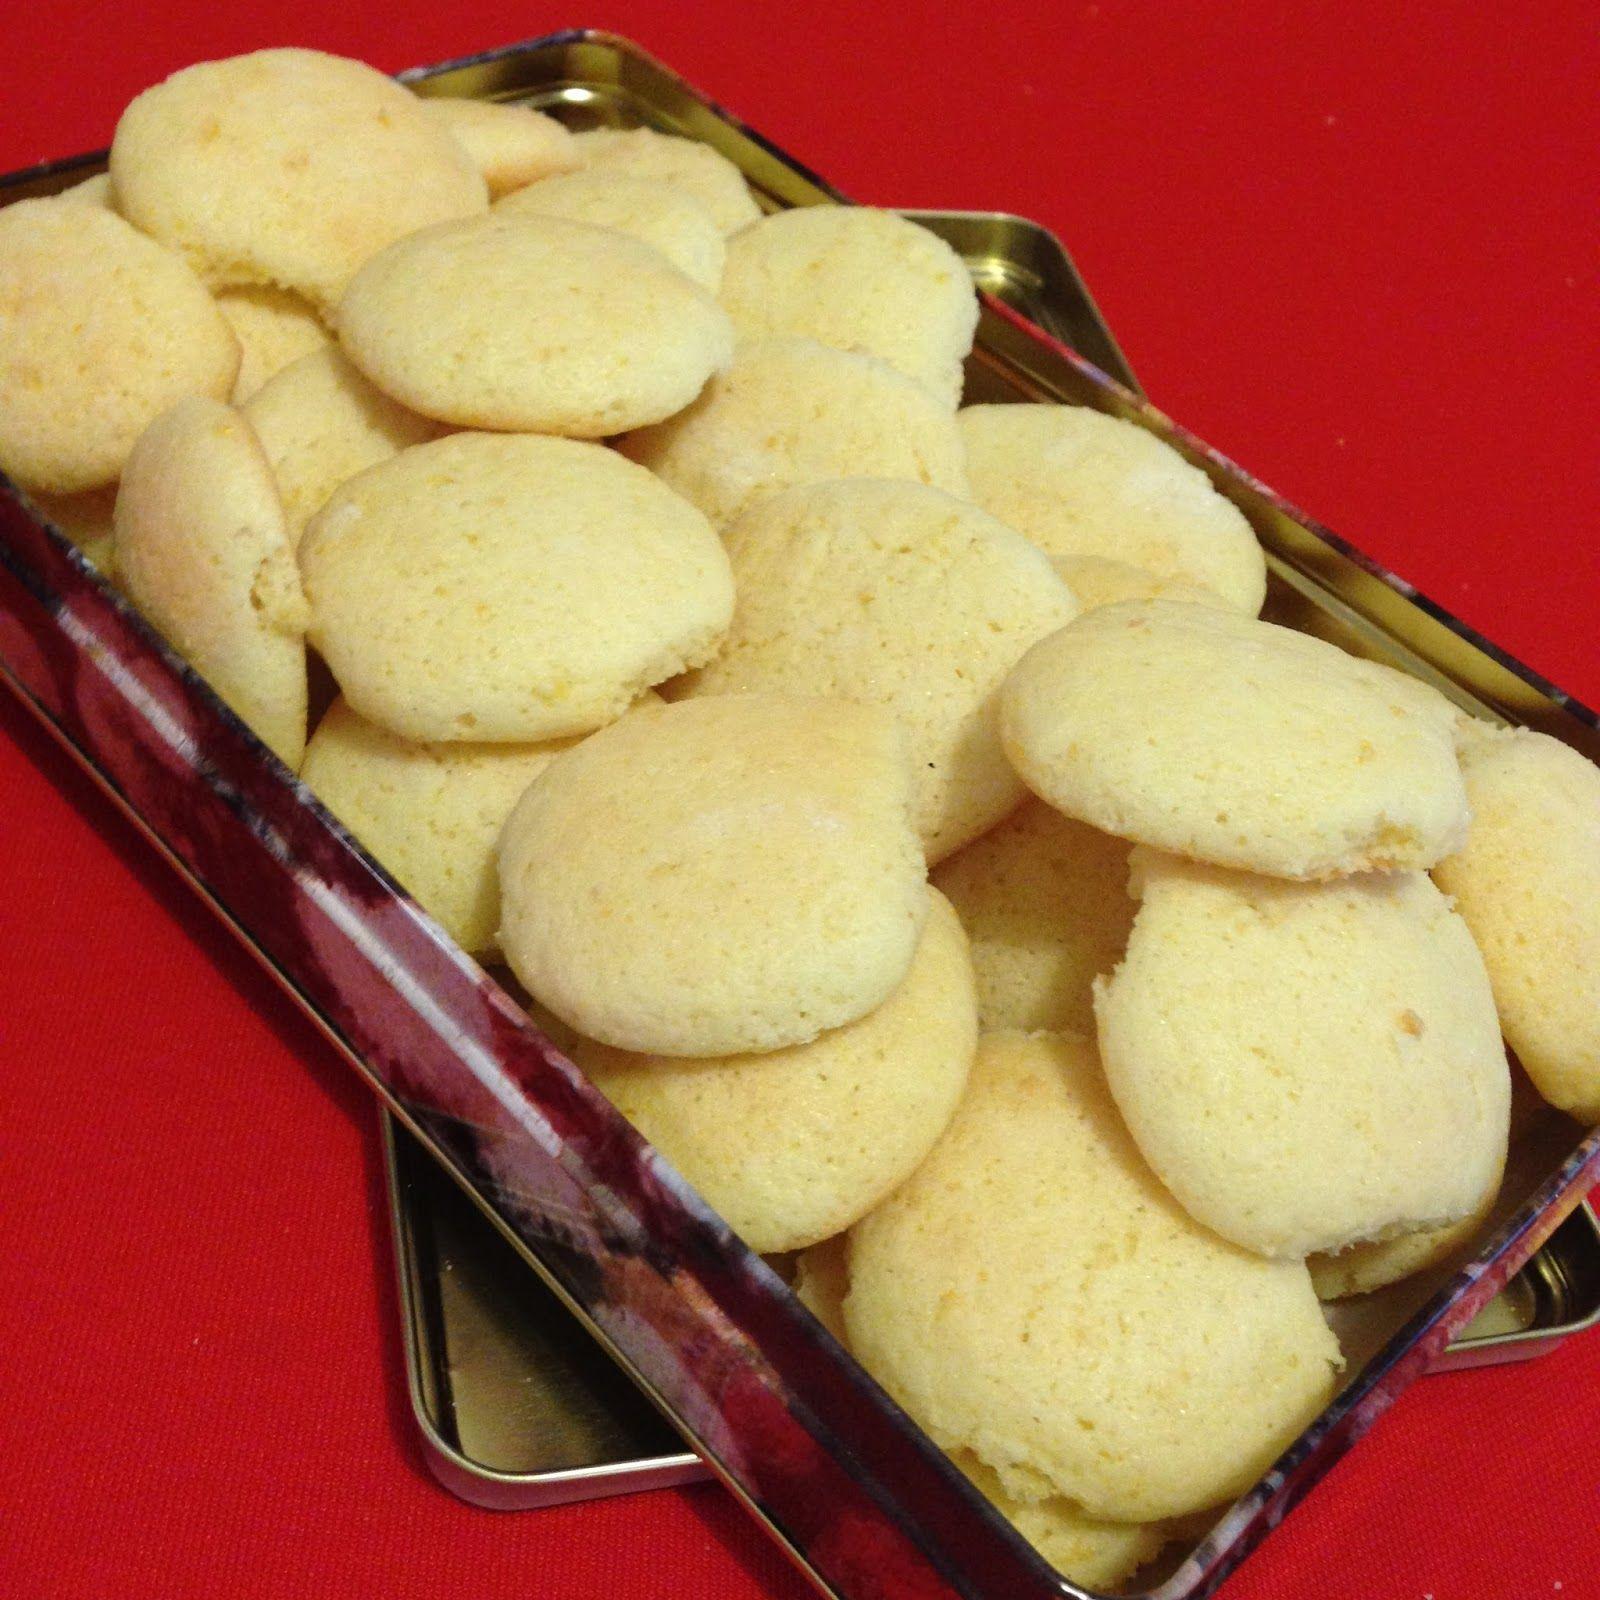 Biscotti di riso al limone Idee alimentari, Cibo, Ricette